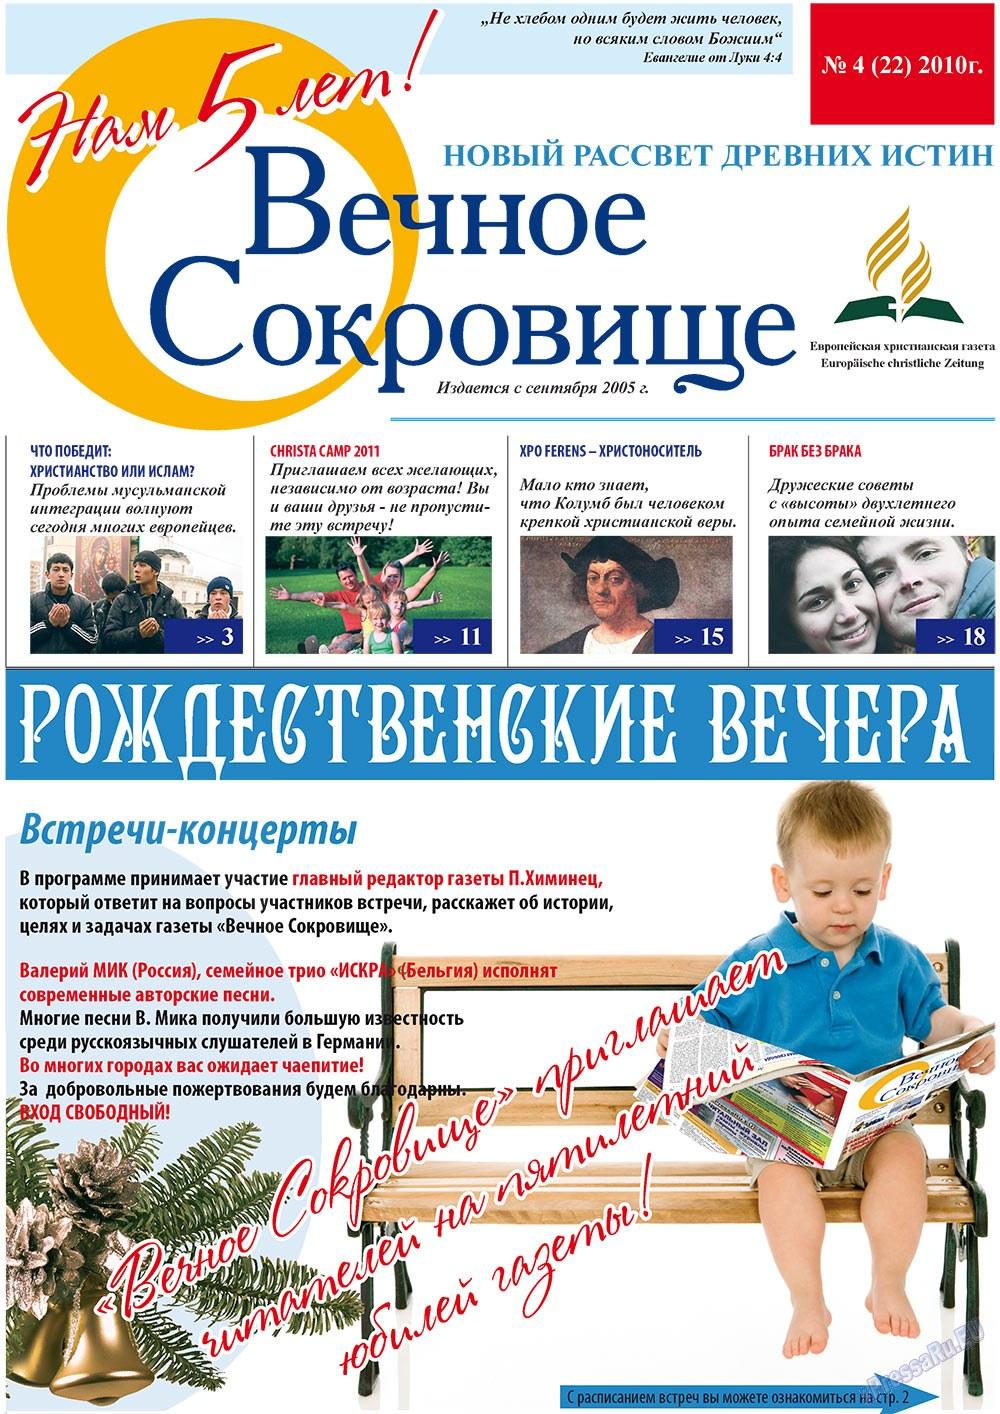 Вечное сокровище (газета). 2010 год, номер 4, стр. 1